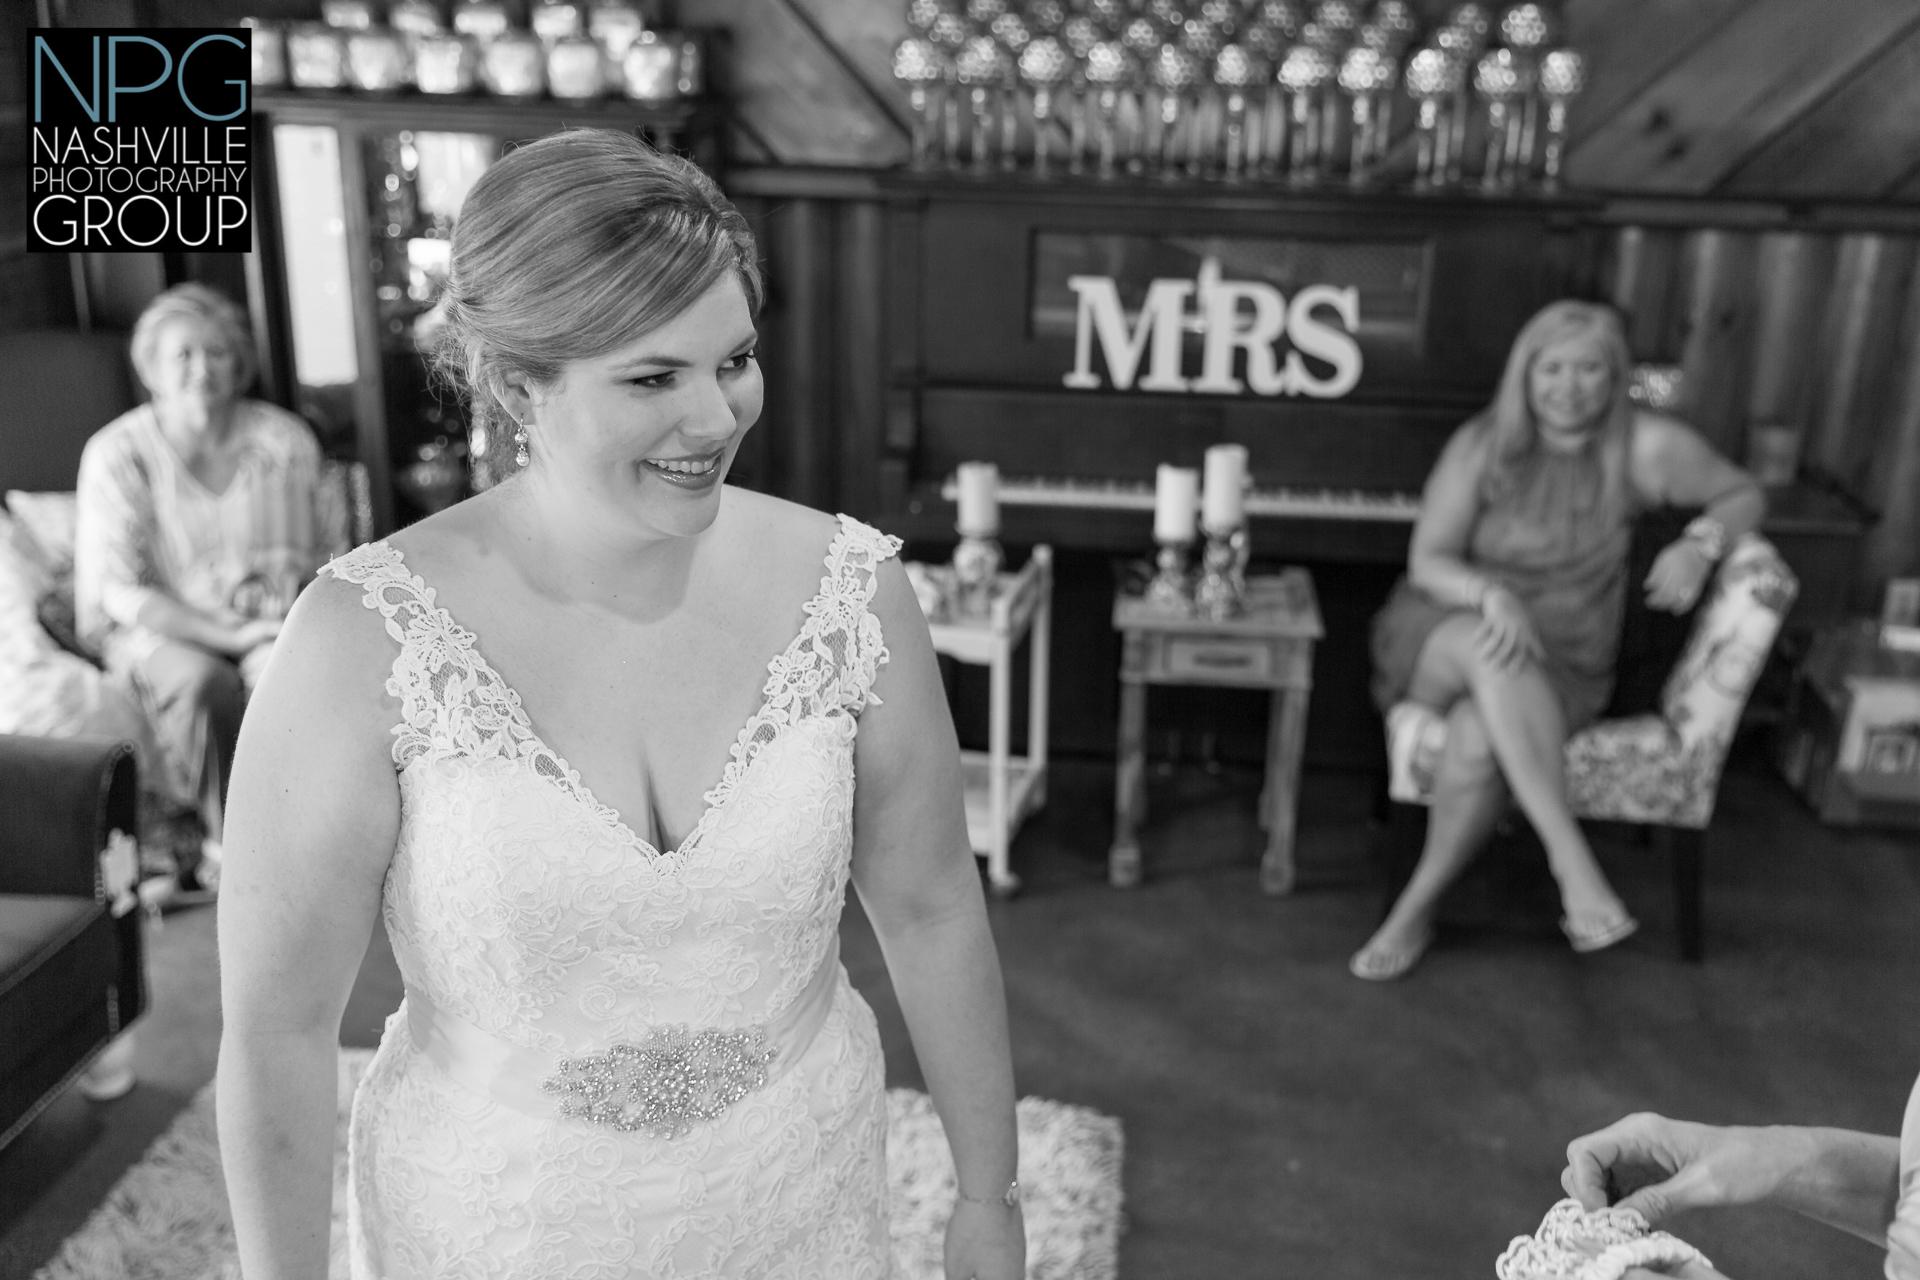 Nashville Photography Group wedding photographers-1-2.jpg